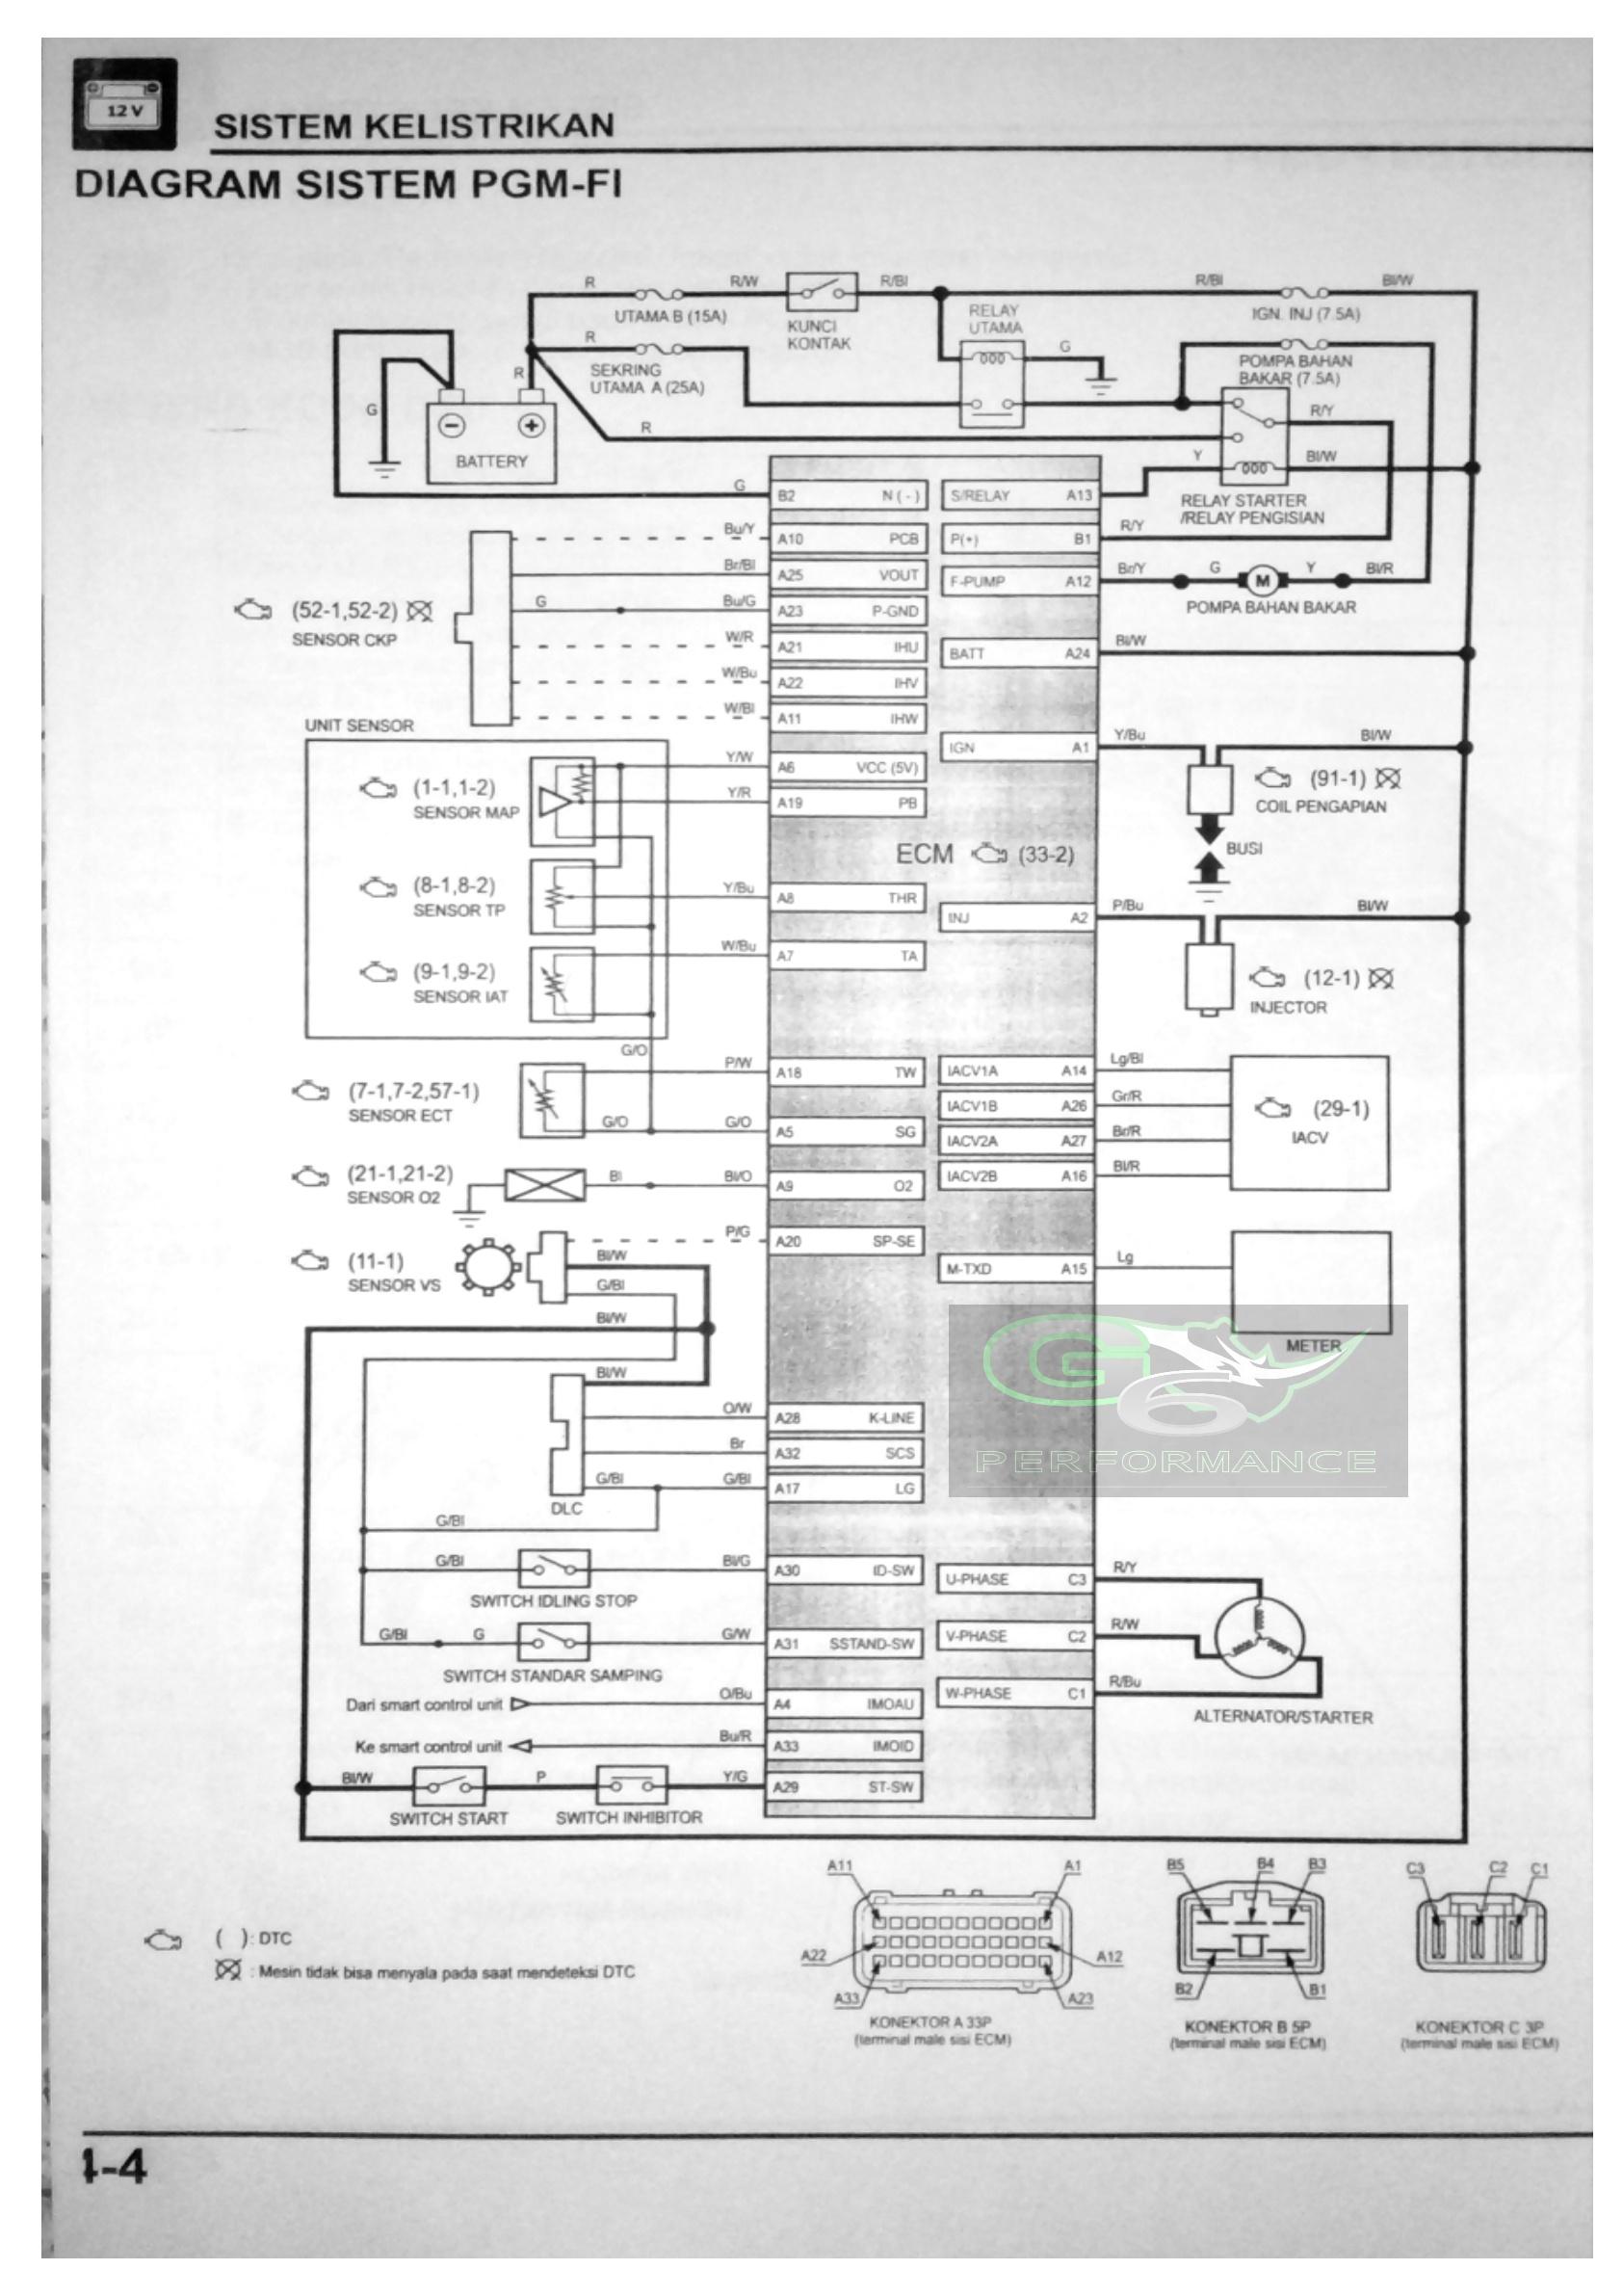 honda bf225 wiring diagram wiring diagram pass honda bf225 wiring diagram [ 1685 x 2383 Pixel ]